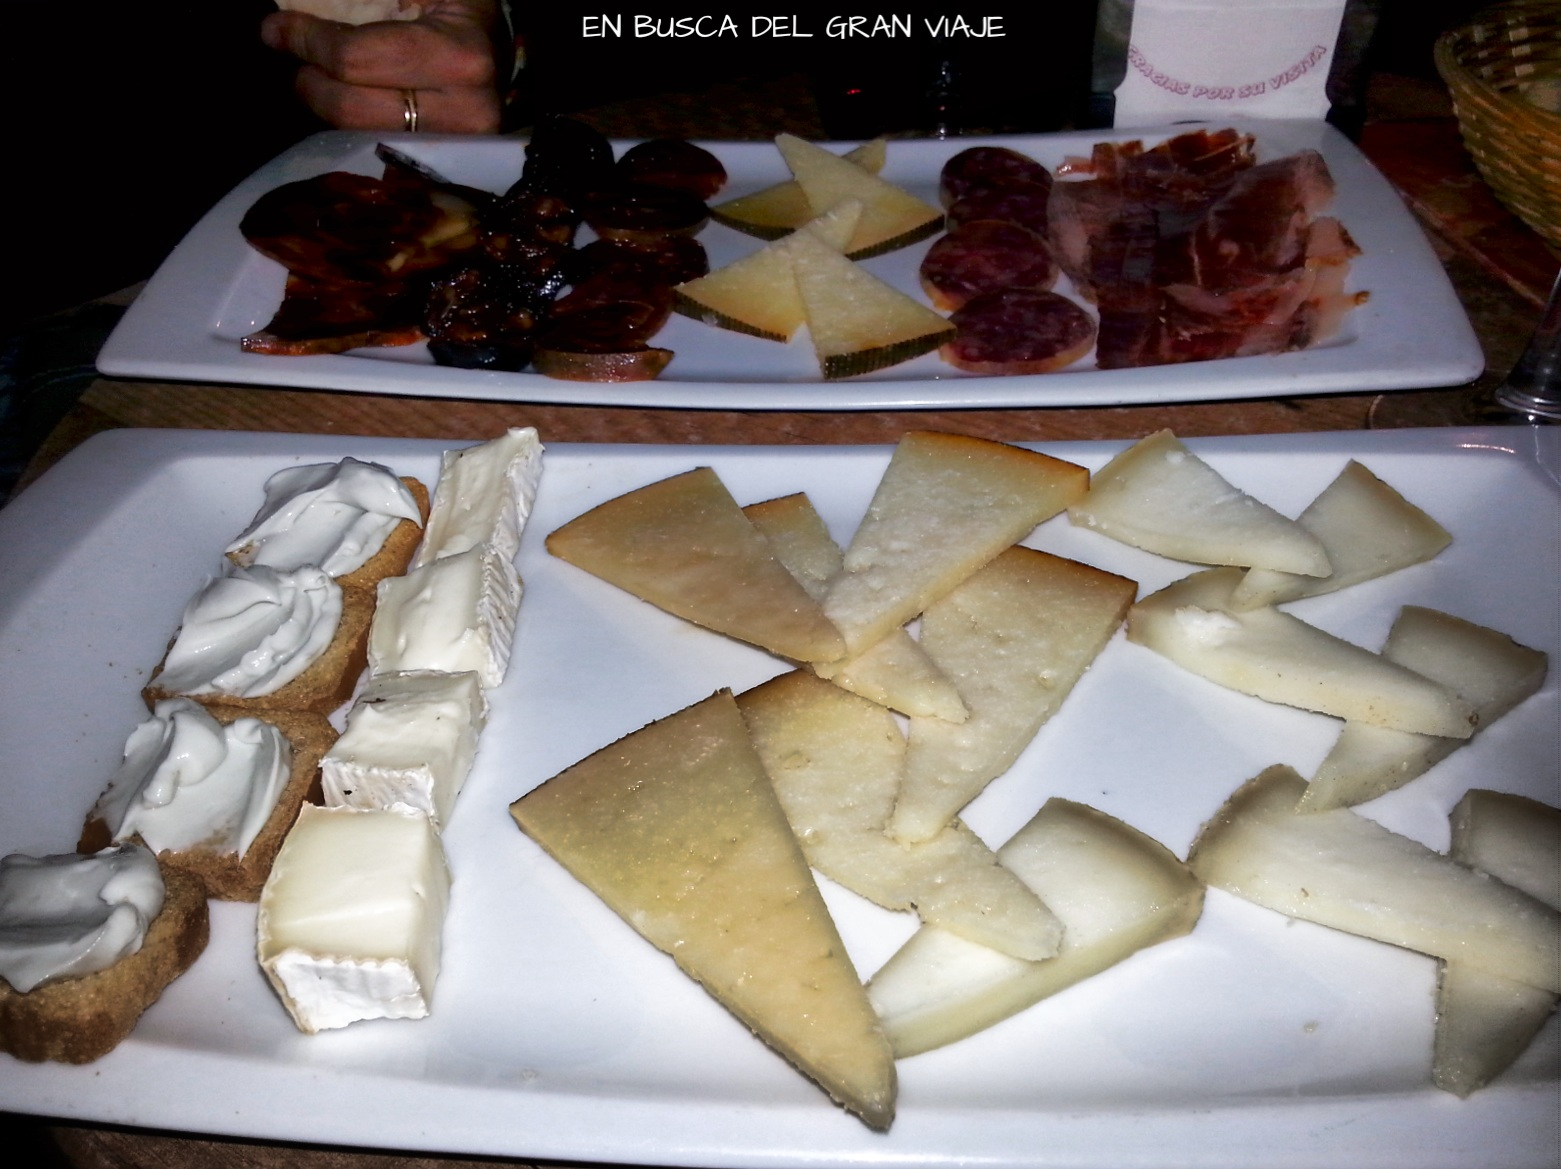 Tablas de embutido y quesos